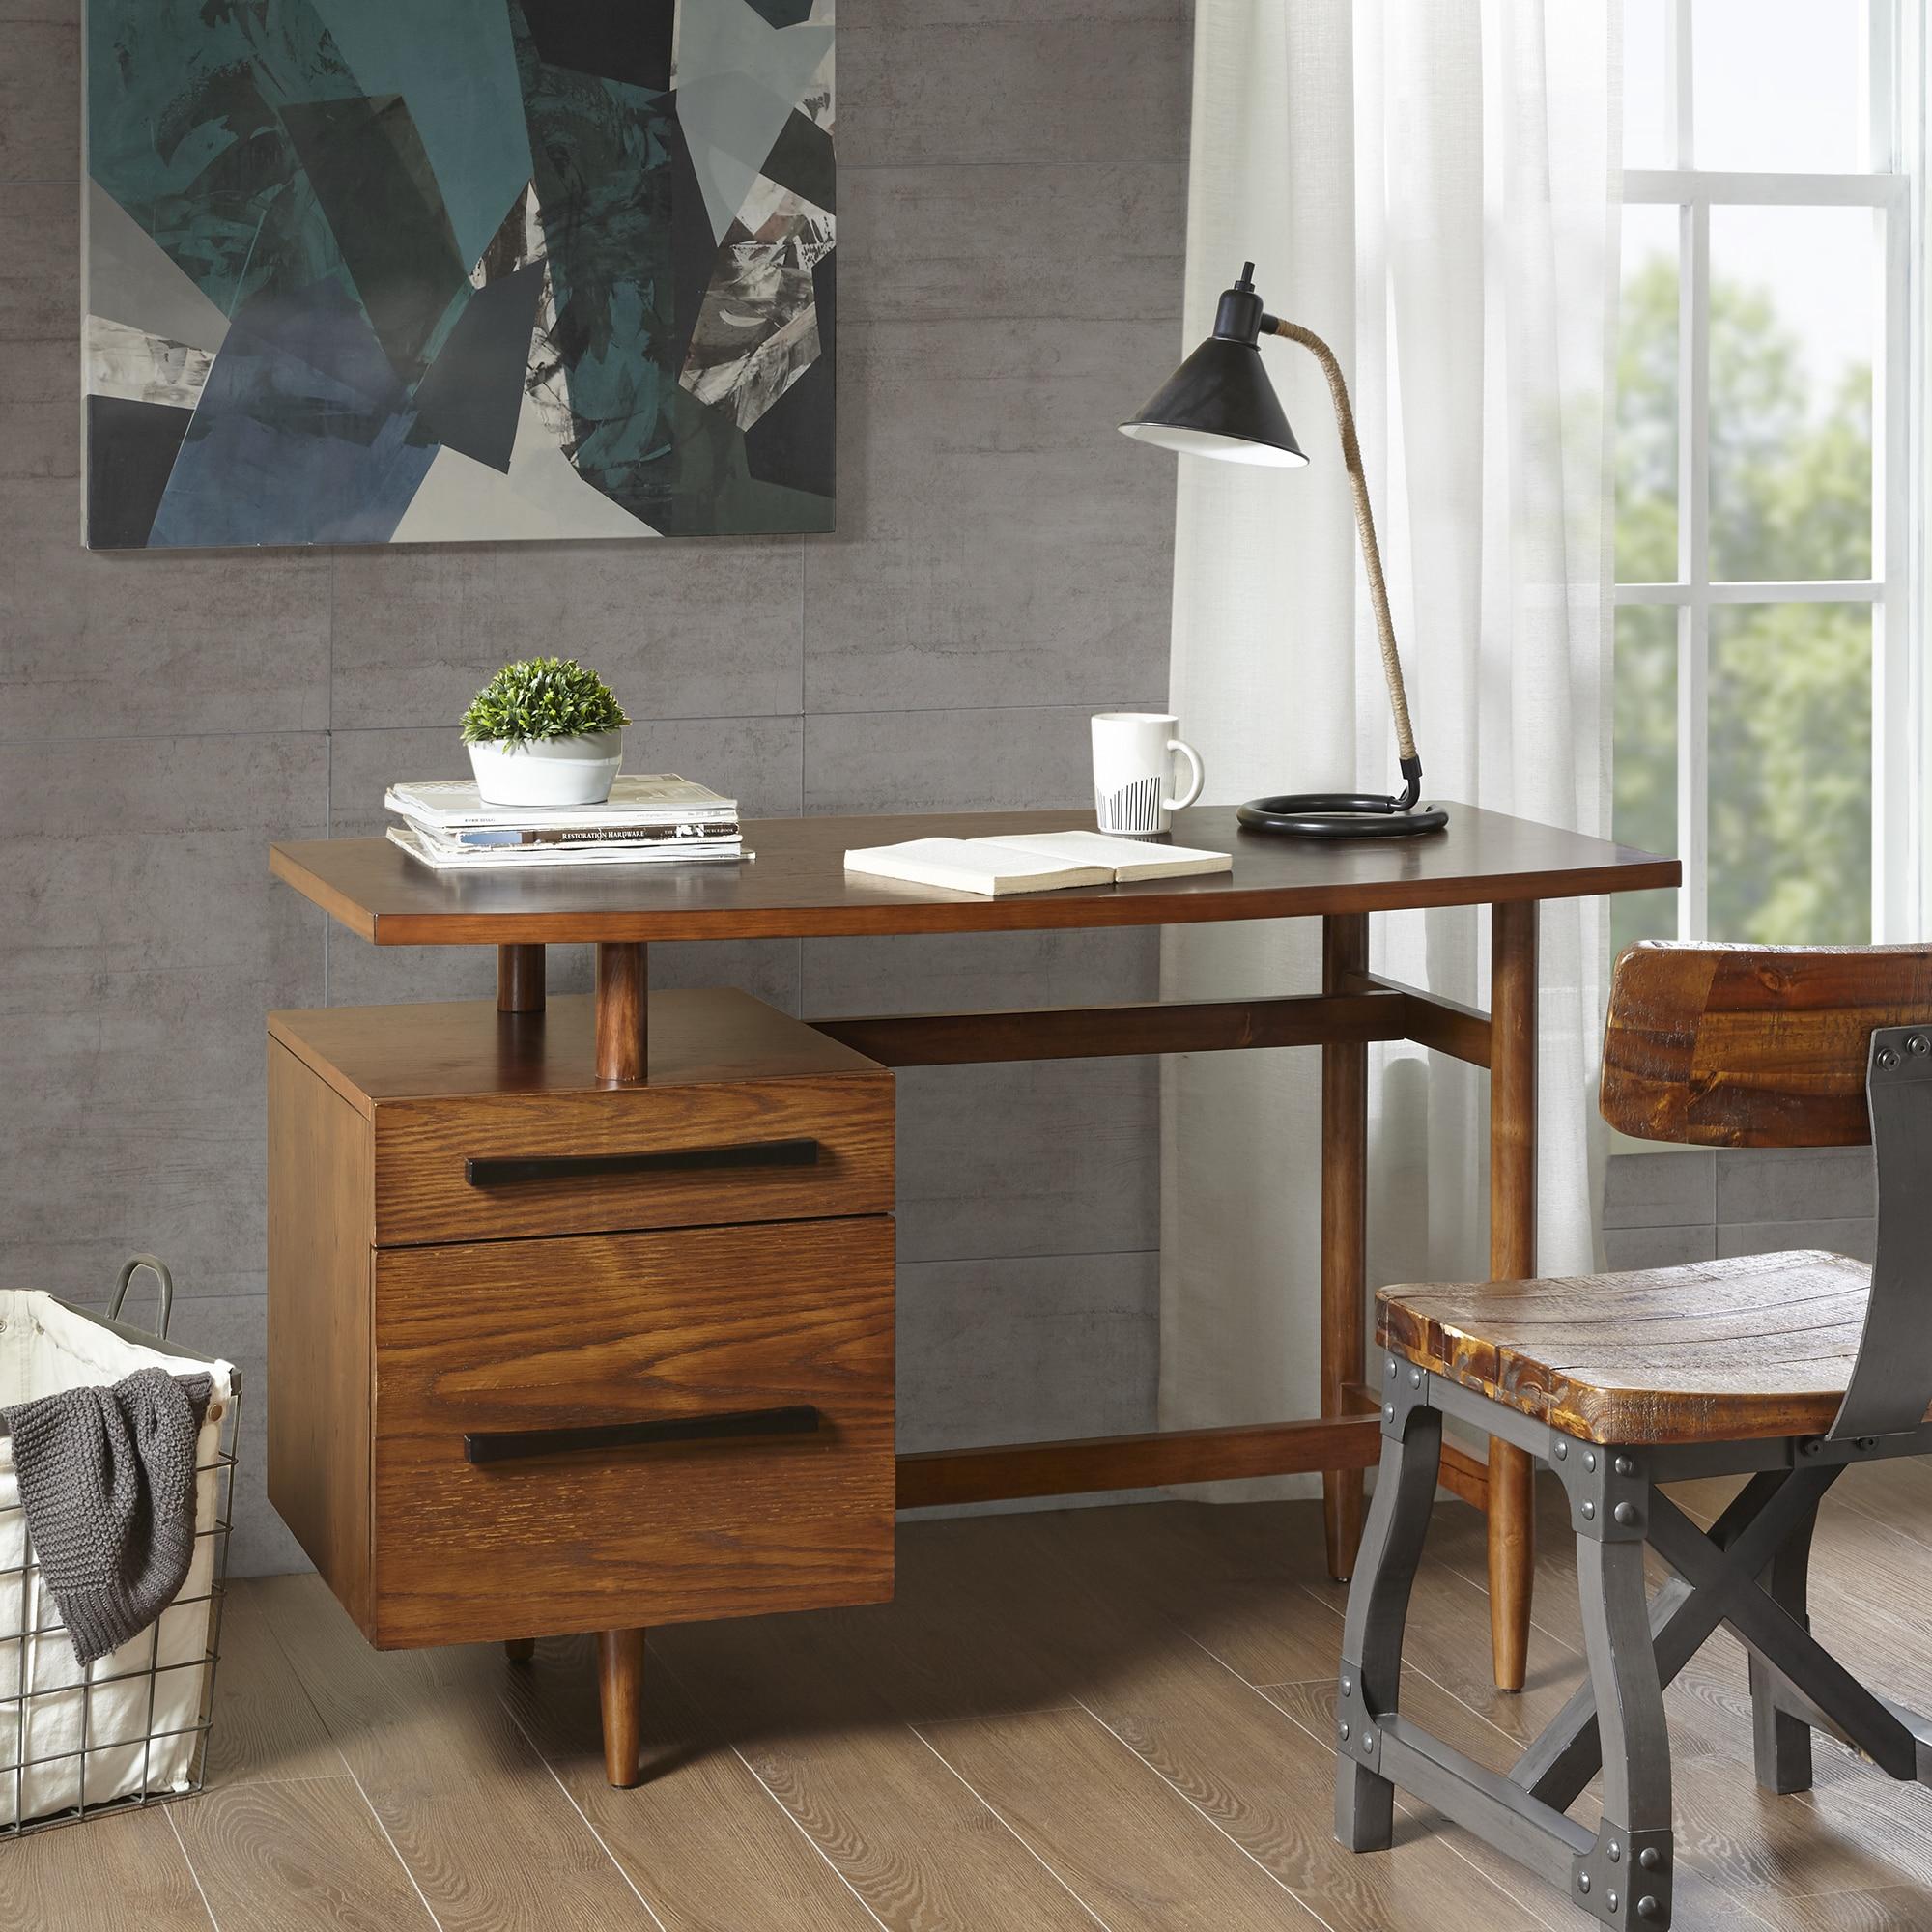 desks table mtl restoration fbx desk model mat chest max models hardware industrial obj tool furniture